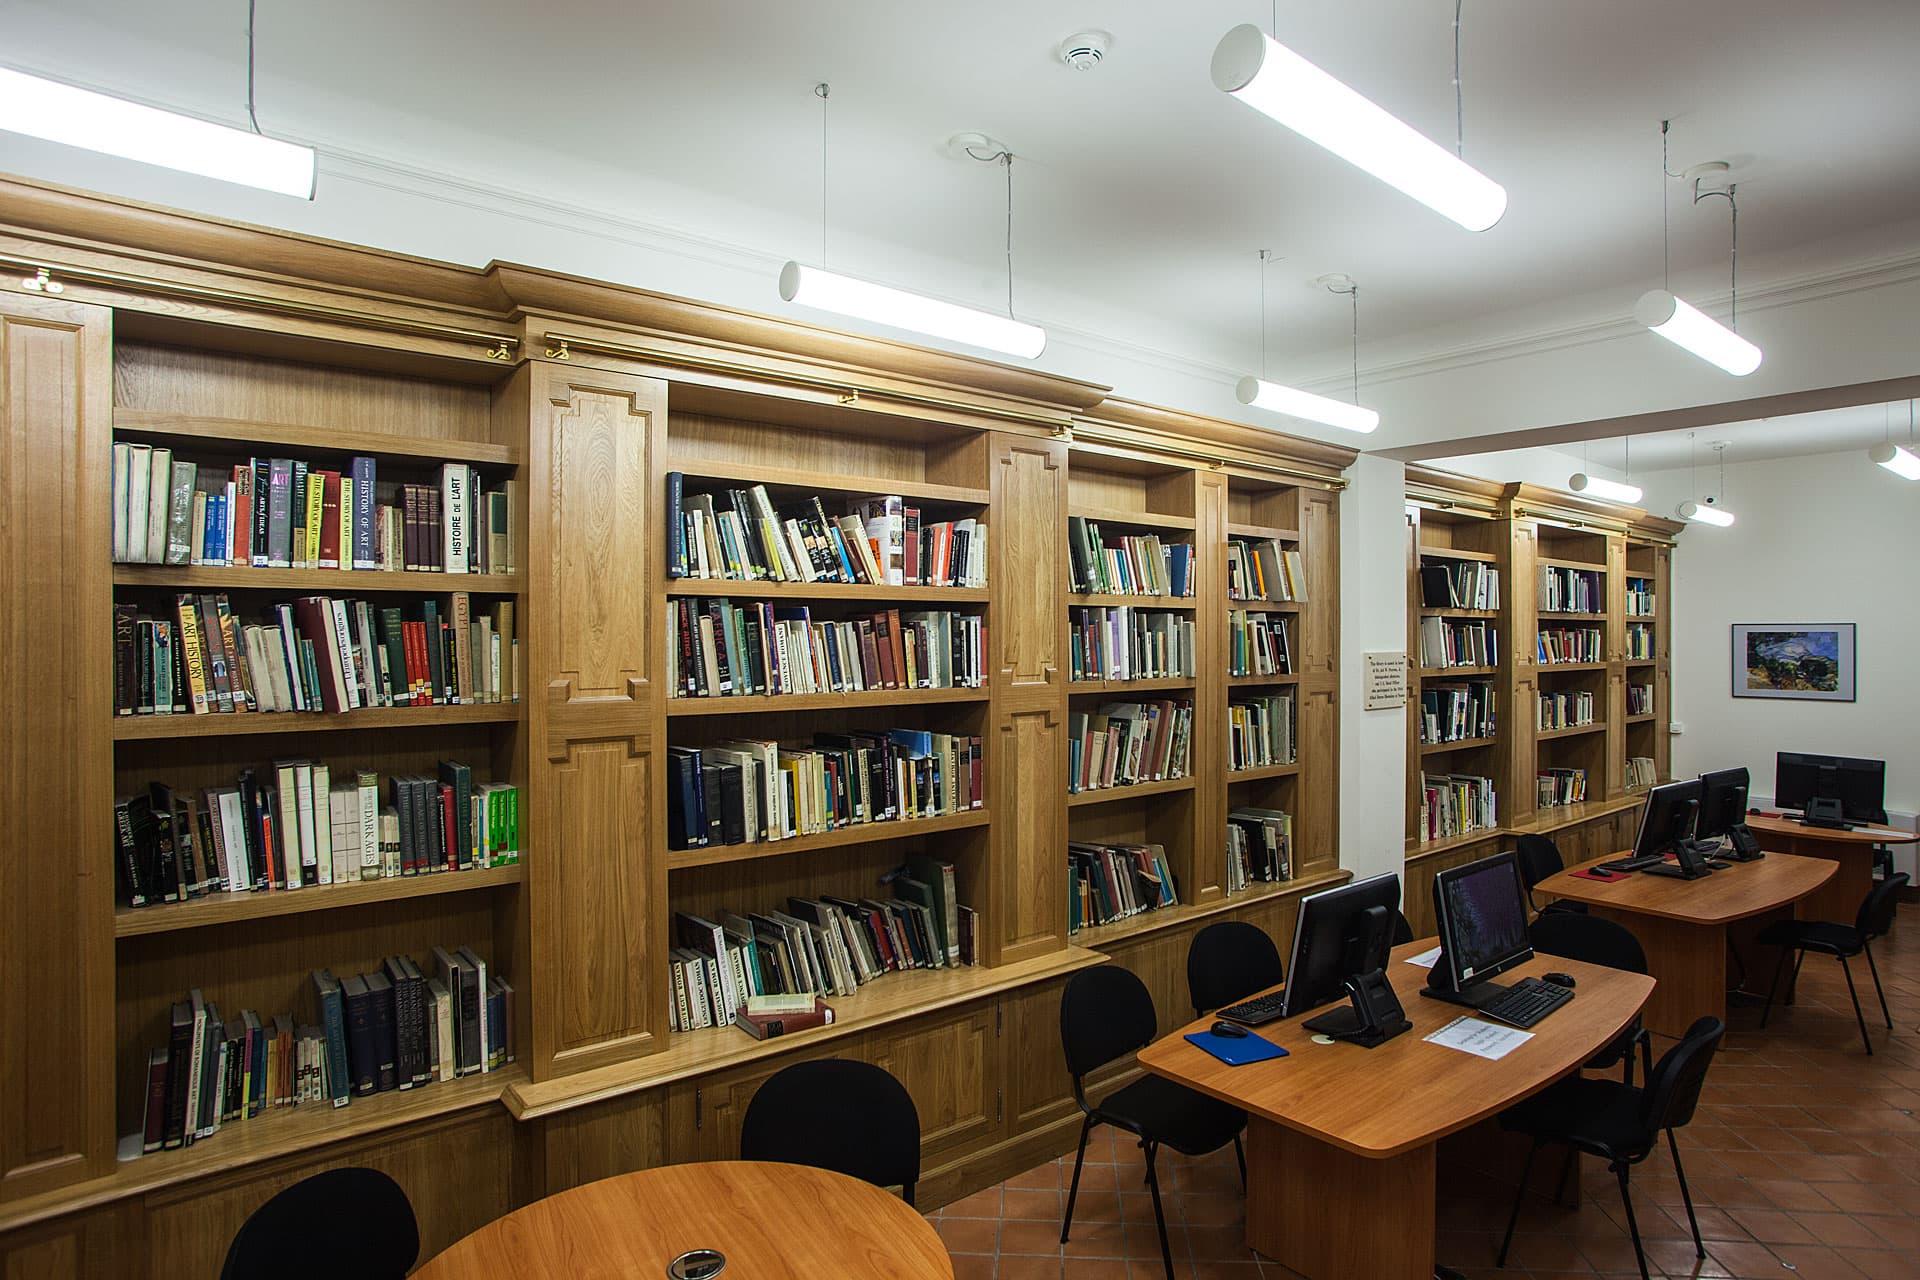 Mise en avant de l'éclairage de l'IAU dans la bibliothèque